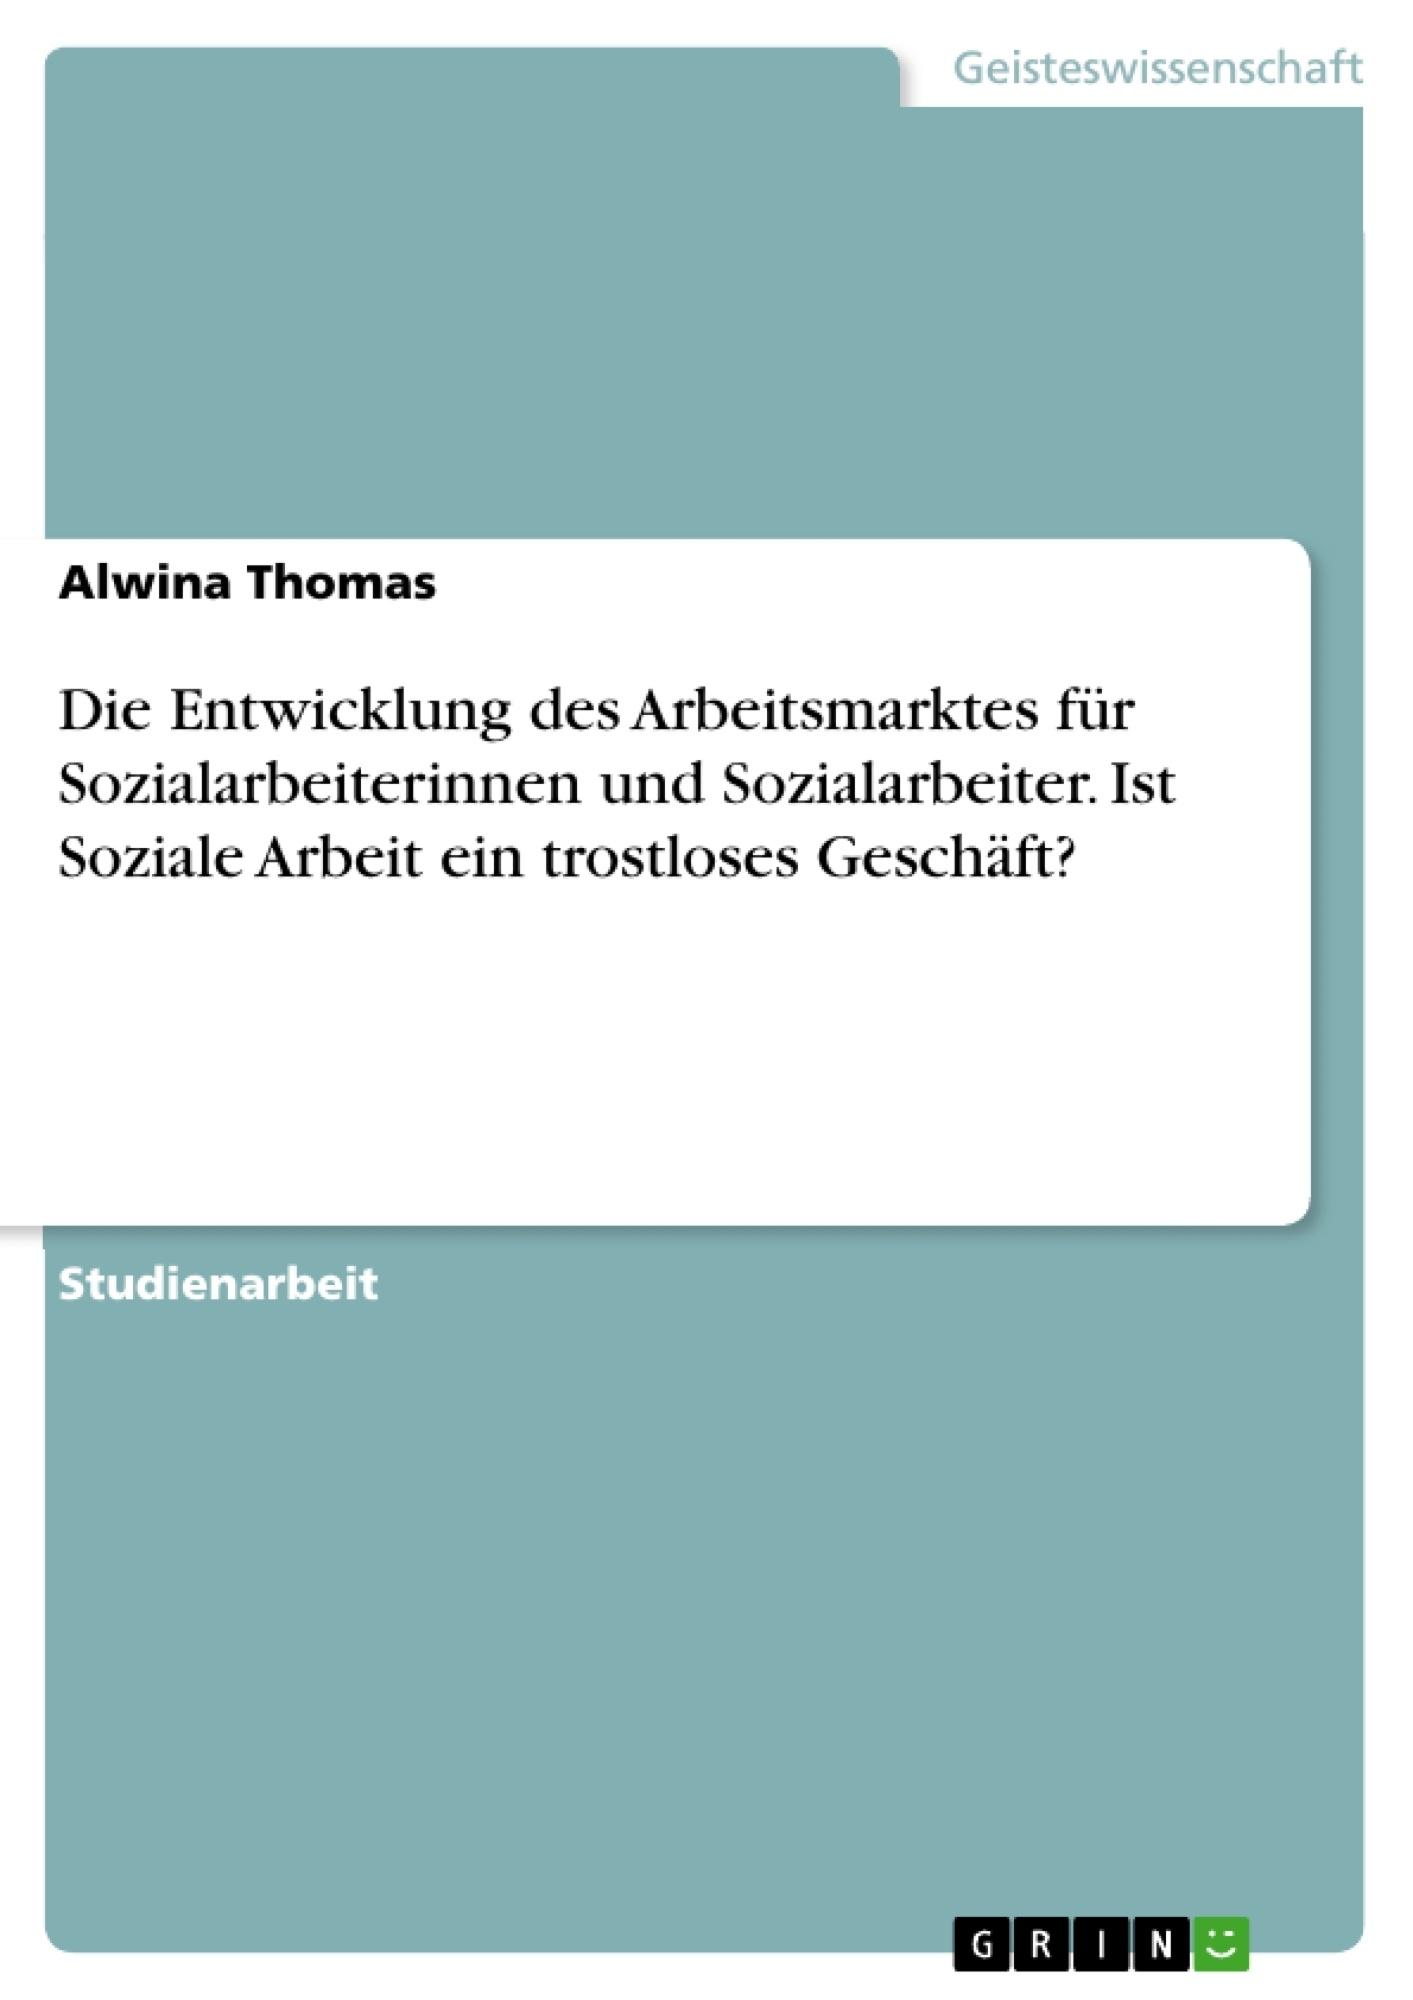 Titel: Die Entwicklung des Arbeitsmarktes für Sozialarbeiterinnen und Sozialarbeiter. Ist Soziale Arbeit ein trostloses Geschäft?